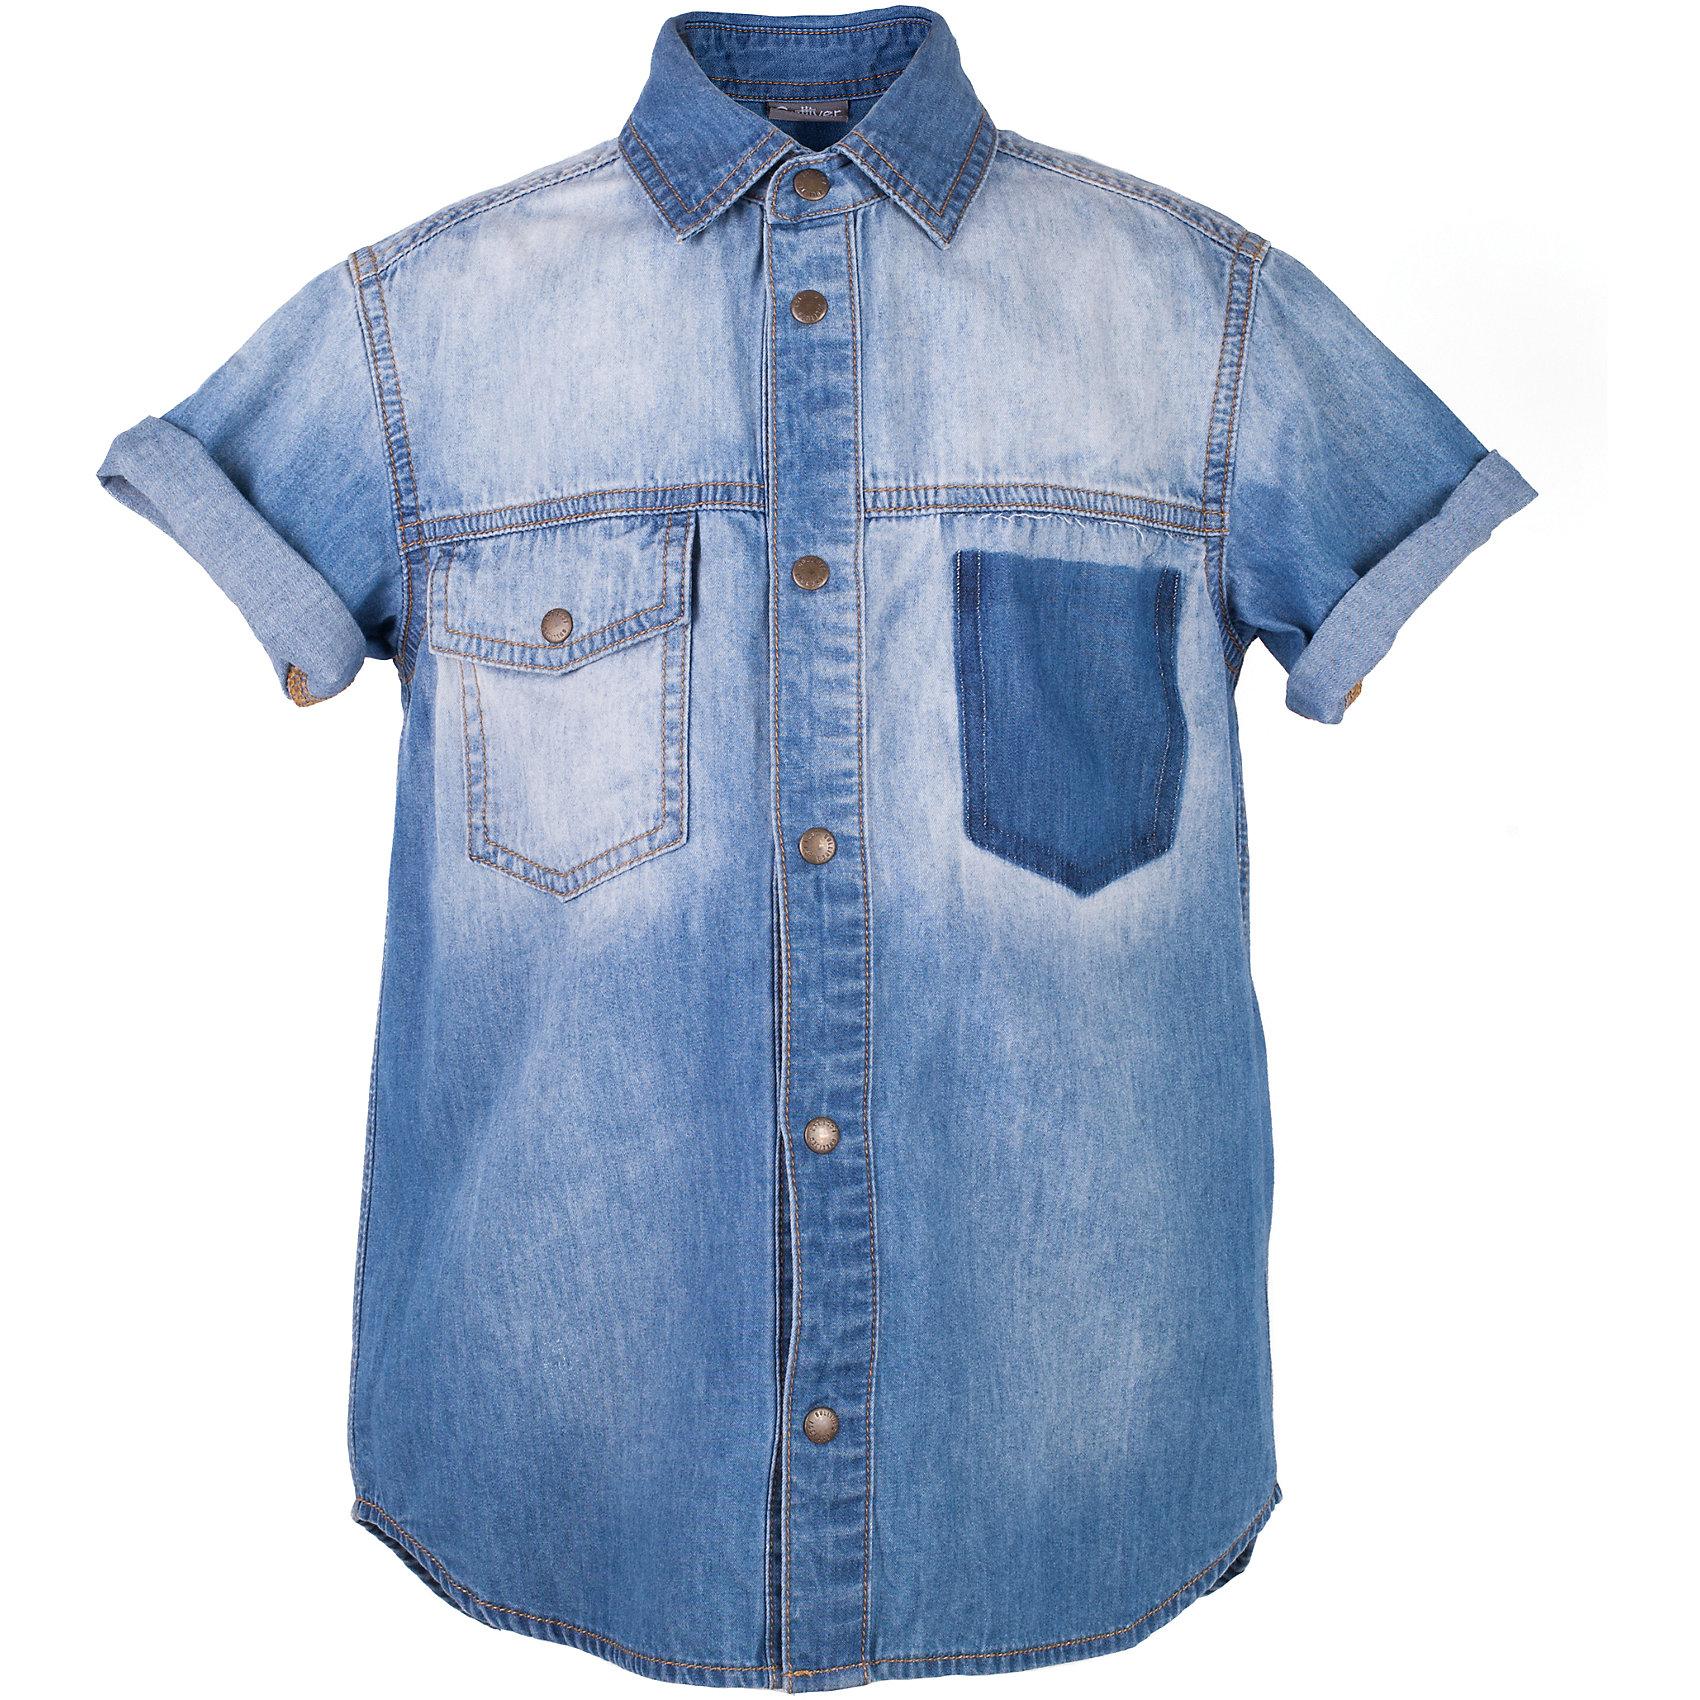 Рубашка для мальчика GulliverДжинсовая рубашка для мальчика снова входит в Топ 10 самых популярных моделей сезона Весна/Лето 2017! Модная форма, продуманные детали, интересные фишки, придающие модели яркие индивидуальные черты, а также классная варка изделия делают рубашку выразительным акцентом повседневного образа. Если стиль и качество для вас не пустые слова, а практичность и функциональность означают удобство, комфорт и большие возможности в сочетании этой рубашки с любыми шортами и брюками, вам стоит купить джинсовую рубашку для мальчика и вы никогда об этом не пожалеете!<br>Состав:<br>100% хлопок<br><br>Ширина мм: 174<br>Глубина мм: 10<br>Высота мм: 169<br>Вес г: 157<br>Цвет: синий<br>Возраст от месяцев: 108<br>Возраст до месяцев: 120<br>Пол: Мужской<br>Возраст: Детский<br>Размер: 128,134,140,122<br>SKU: 5484212